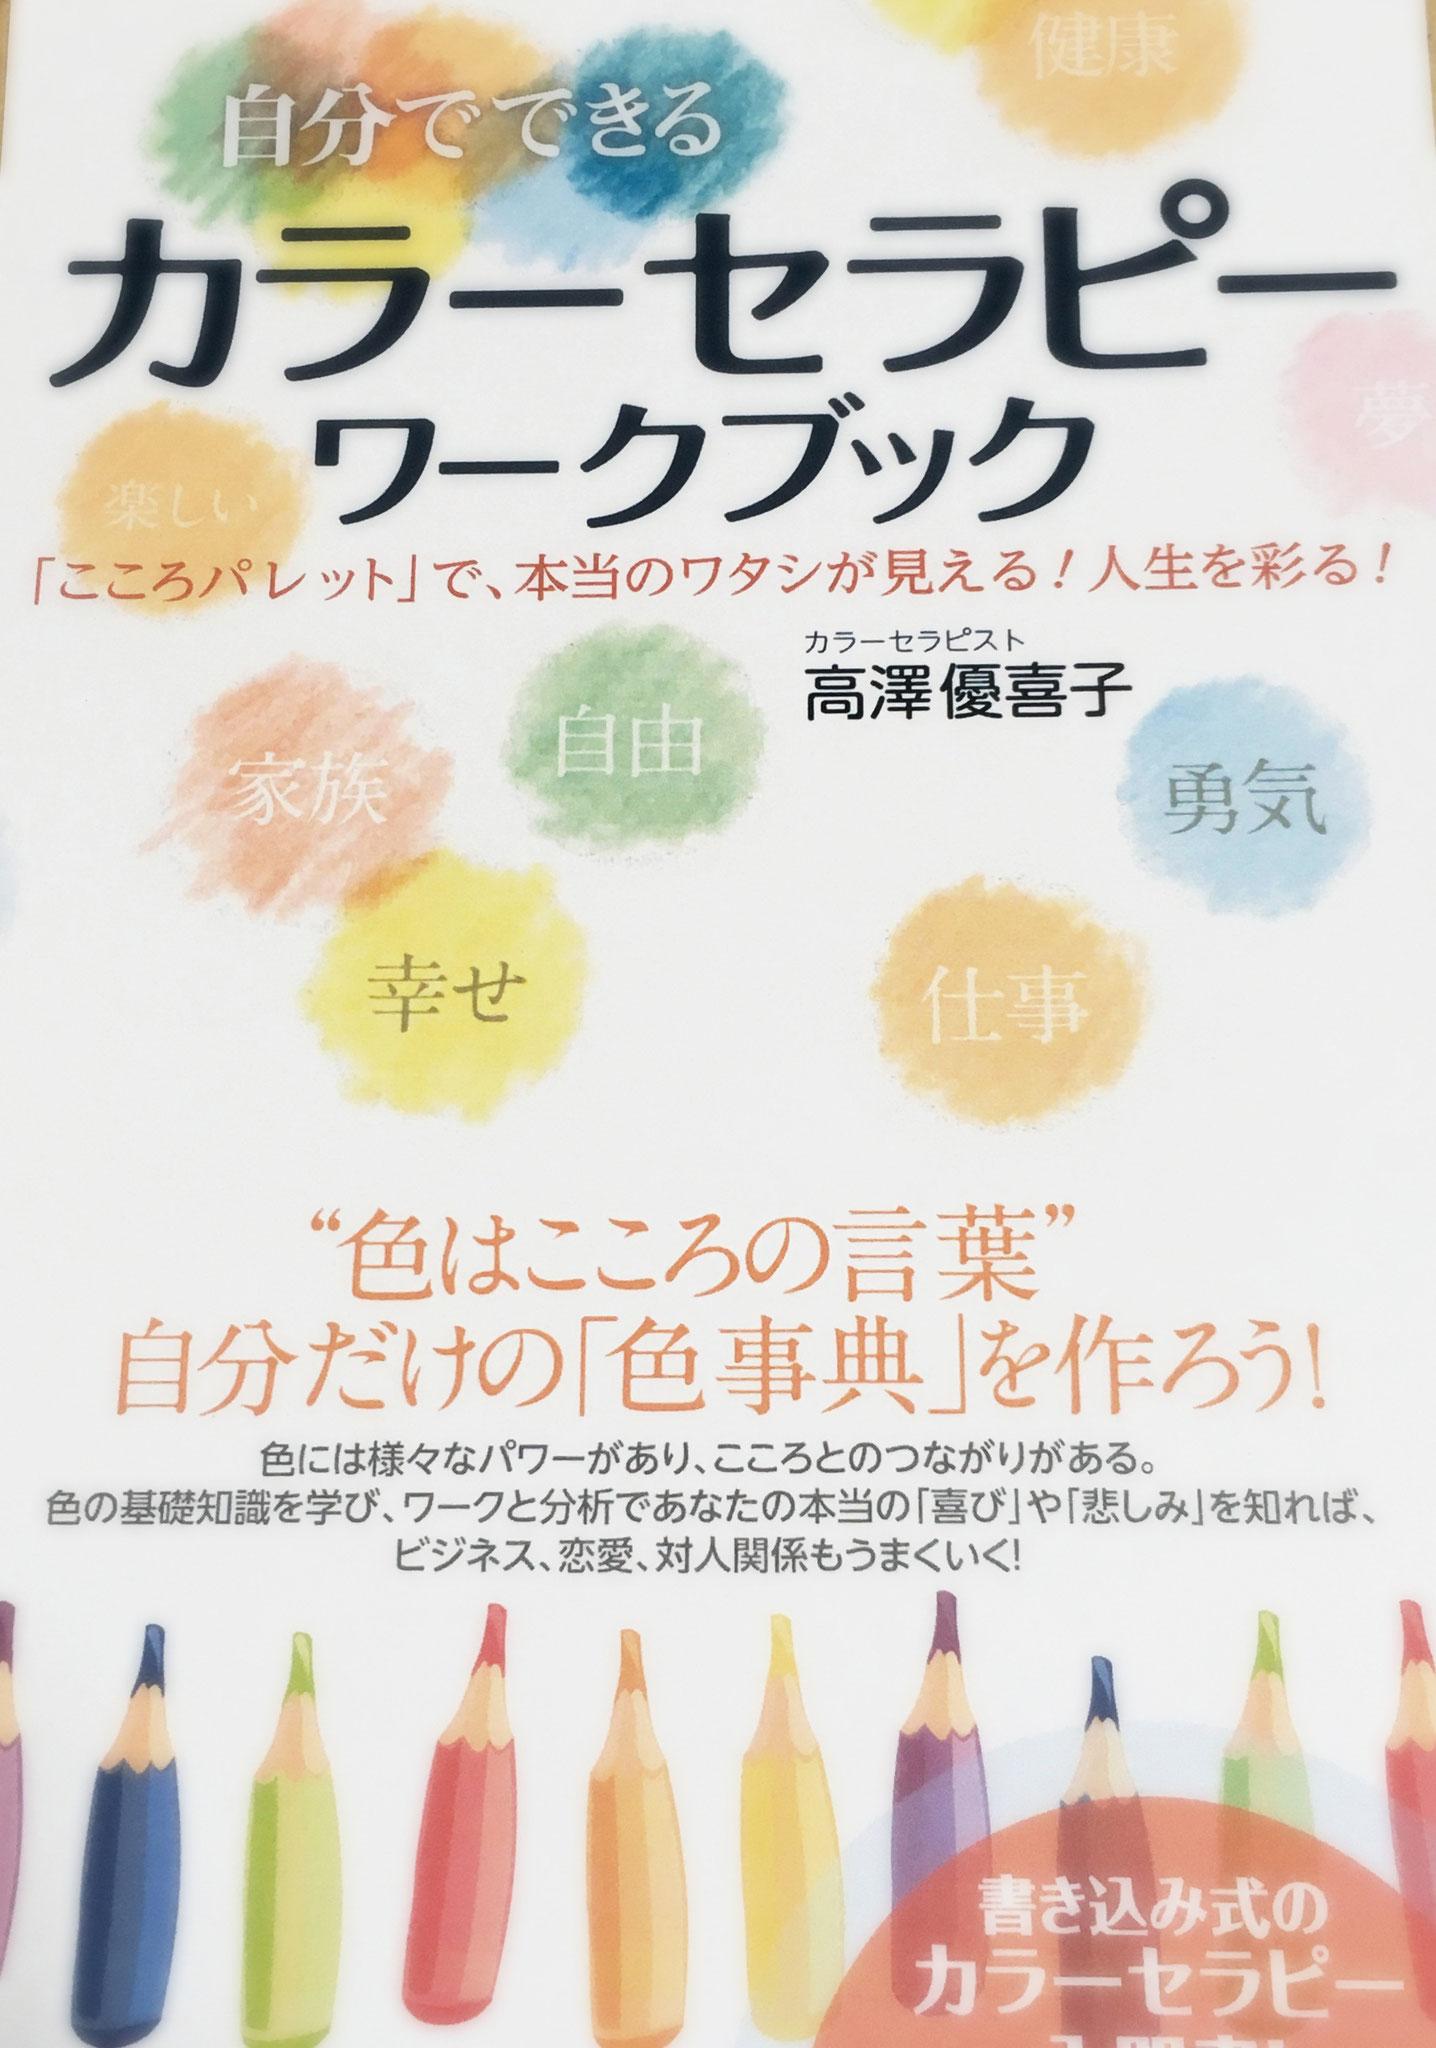 金沢で活躍!高澤優喜子インストラクター本を出版「自分で出来るカラーセラピーワークブック」